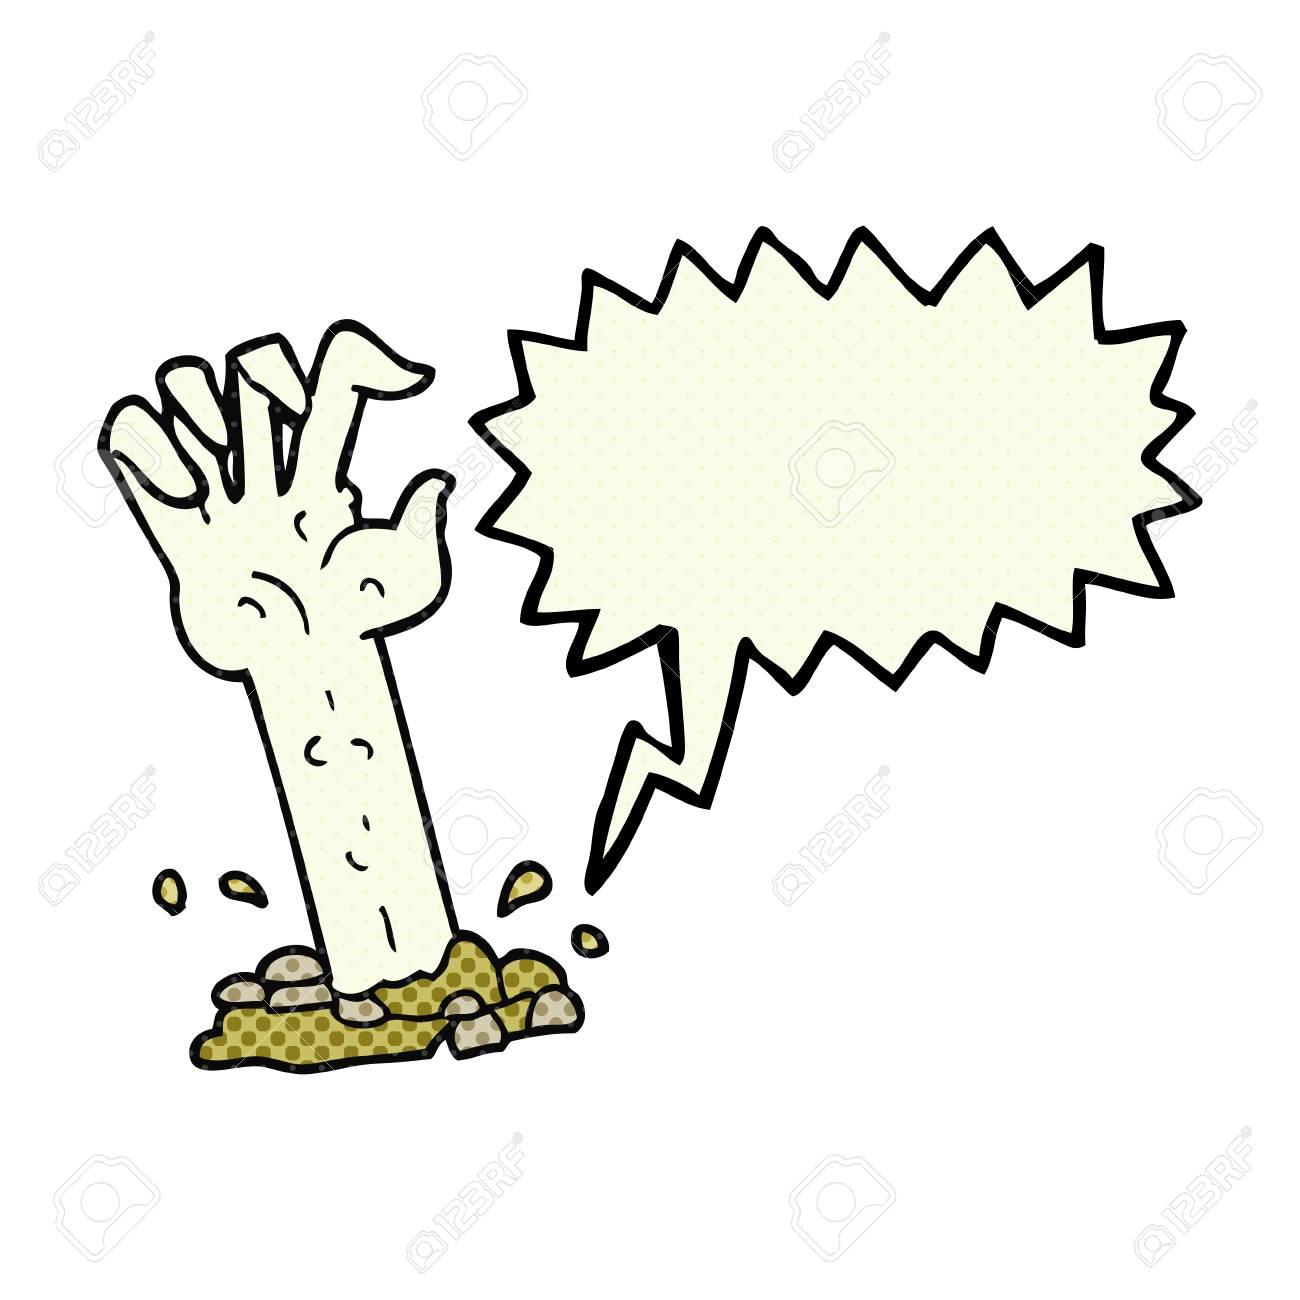 Freihandig Gezeichnet Comic Handsprechblase Cartoon Zombie Vom Boden